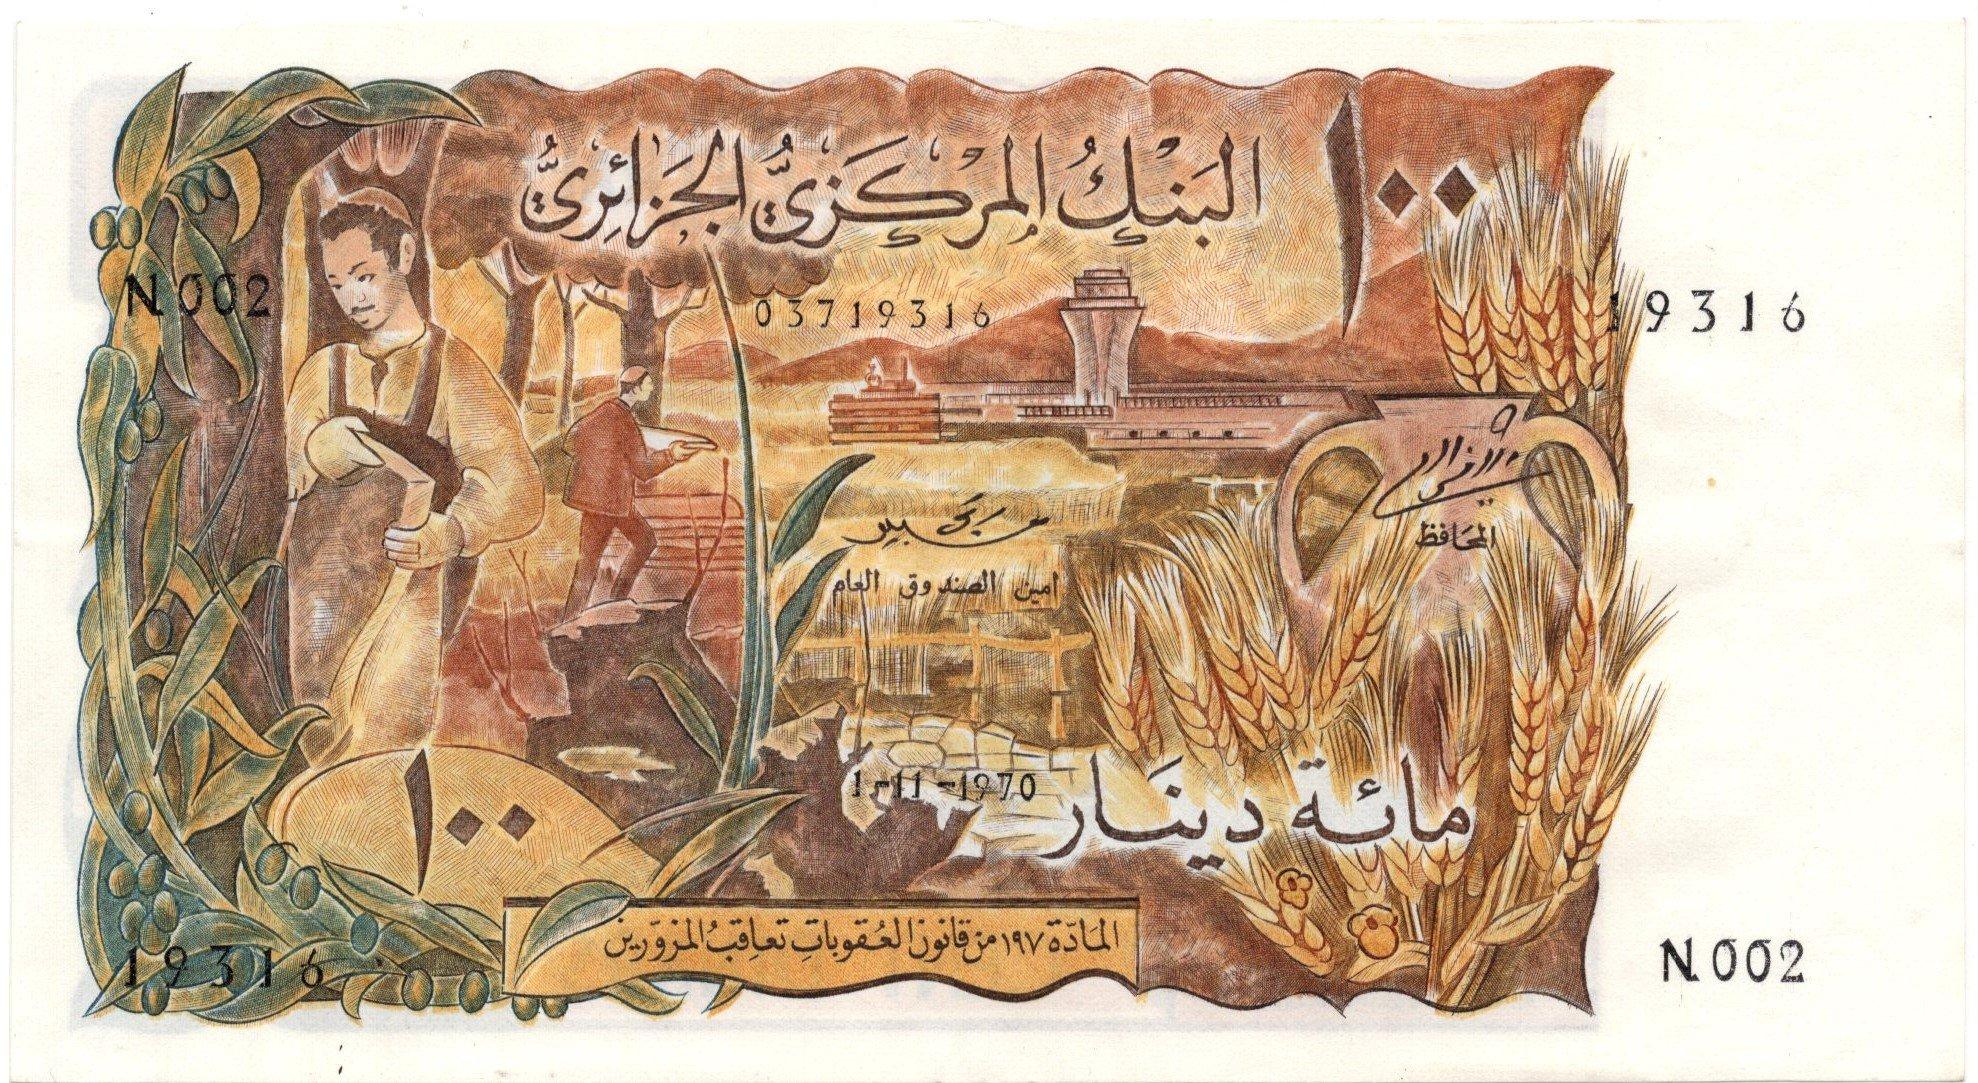 Algeria 100 dinar 1970